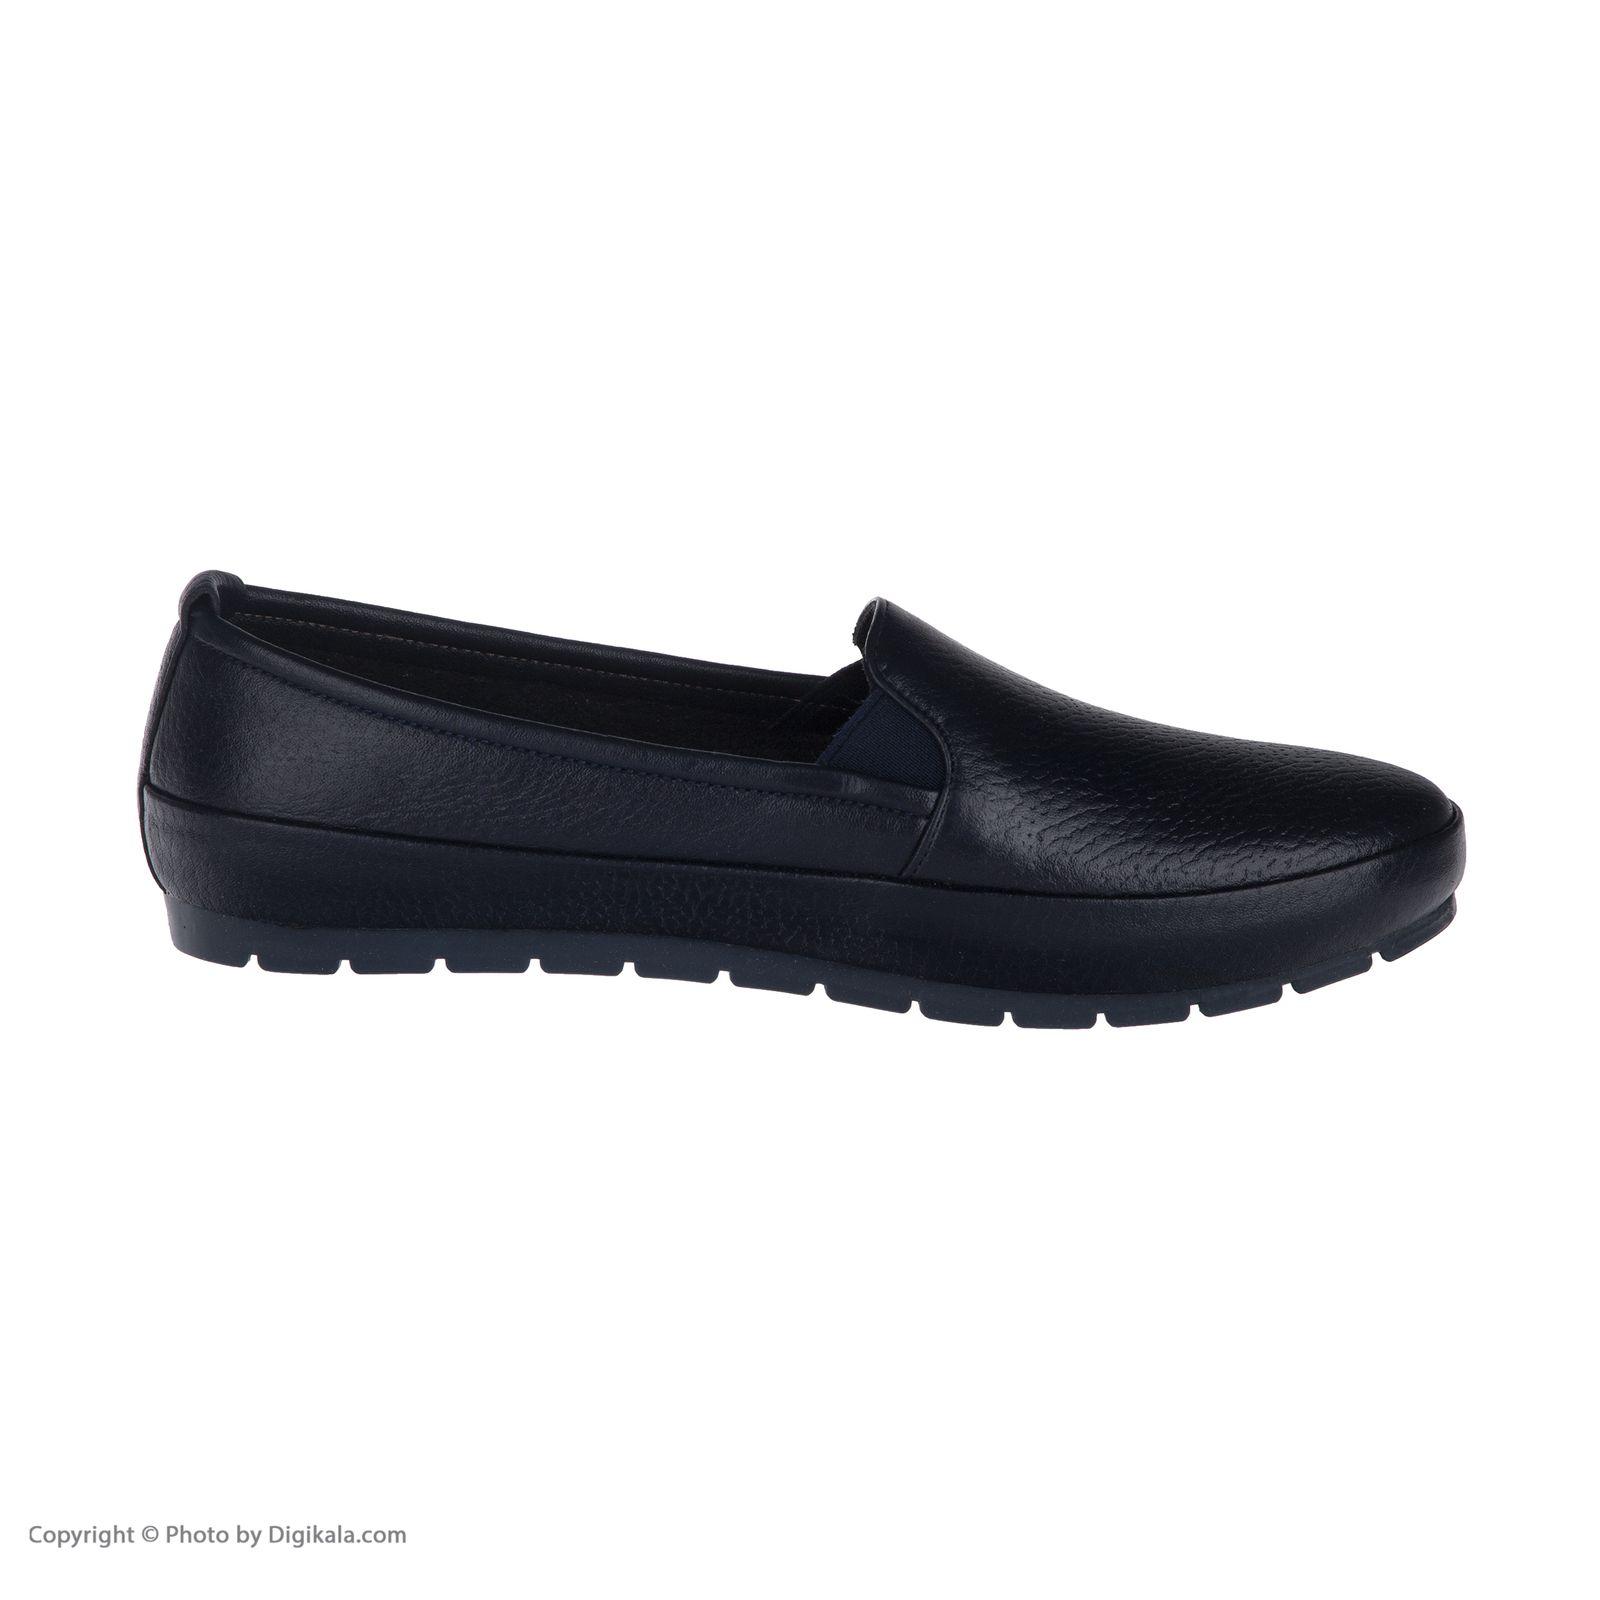 کفش روزمره زنانه بلوط مدل 5313A500103 -  - 6